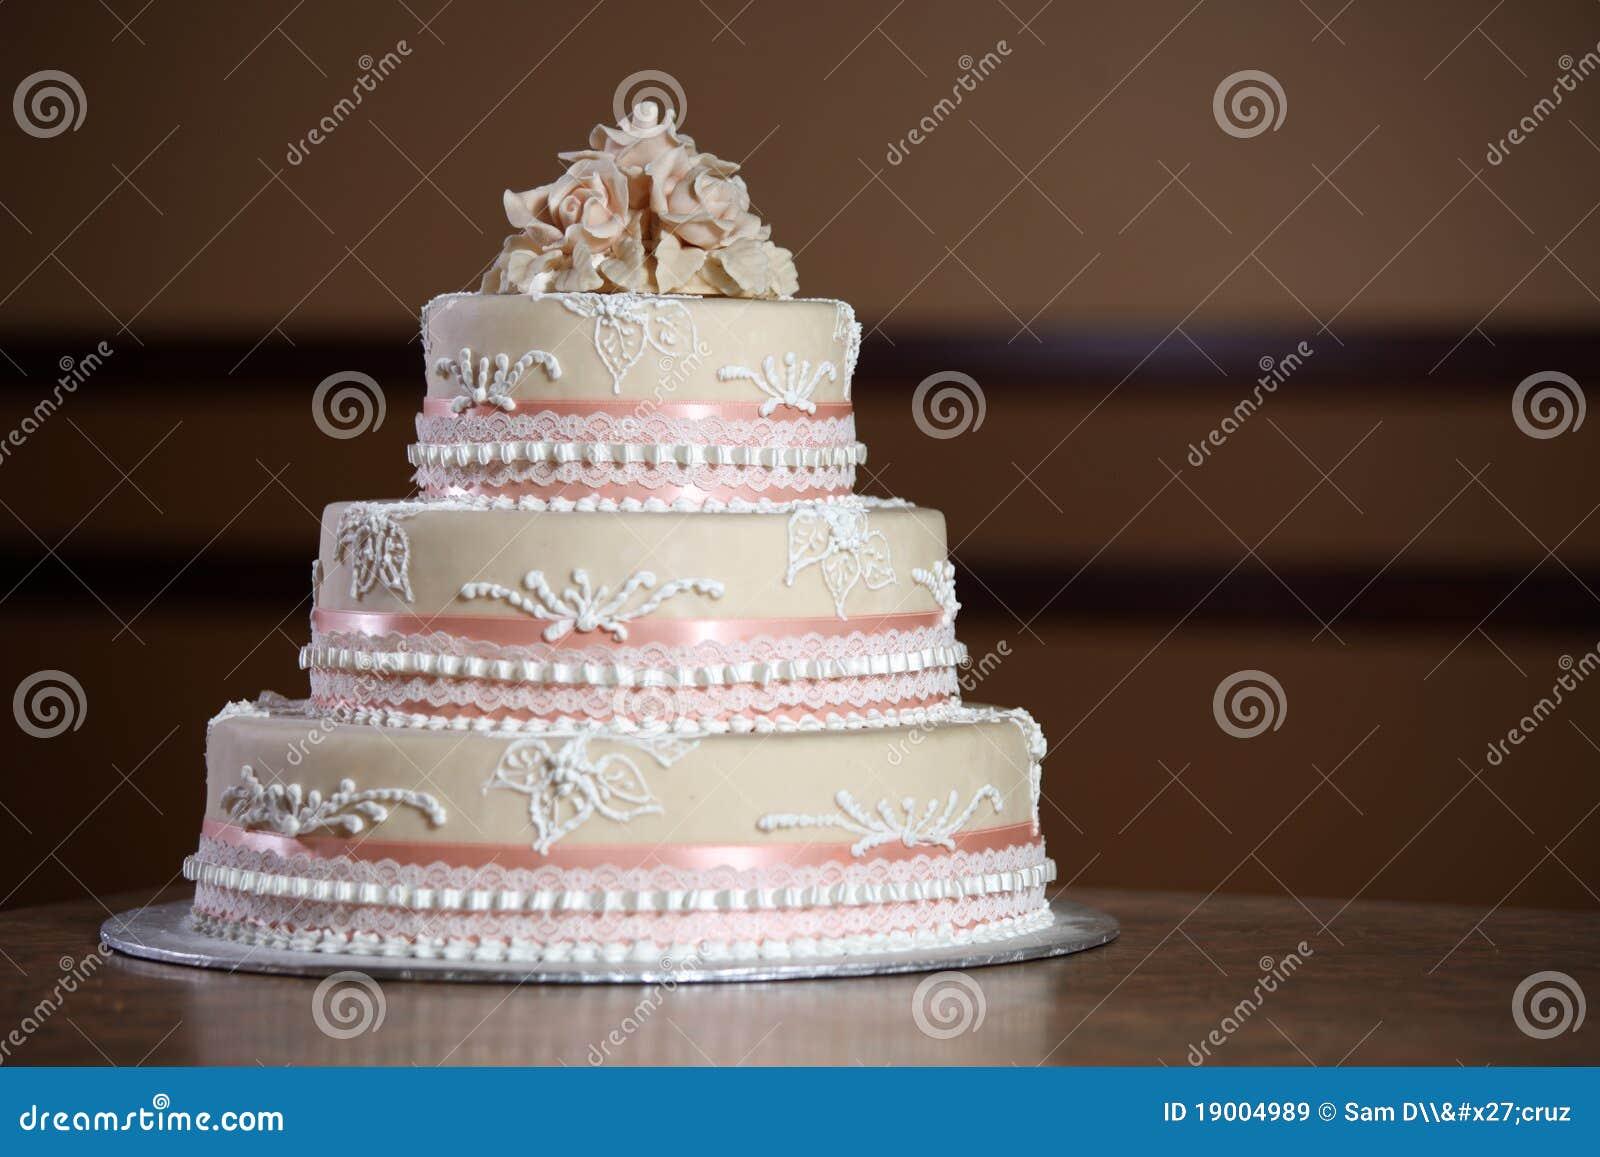 Gâteau De Mariage De Luxe Image Stock Image Du Extrémité